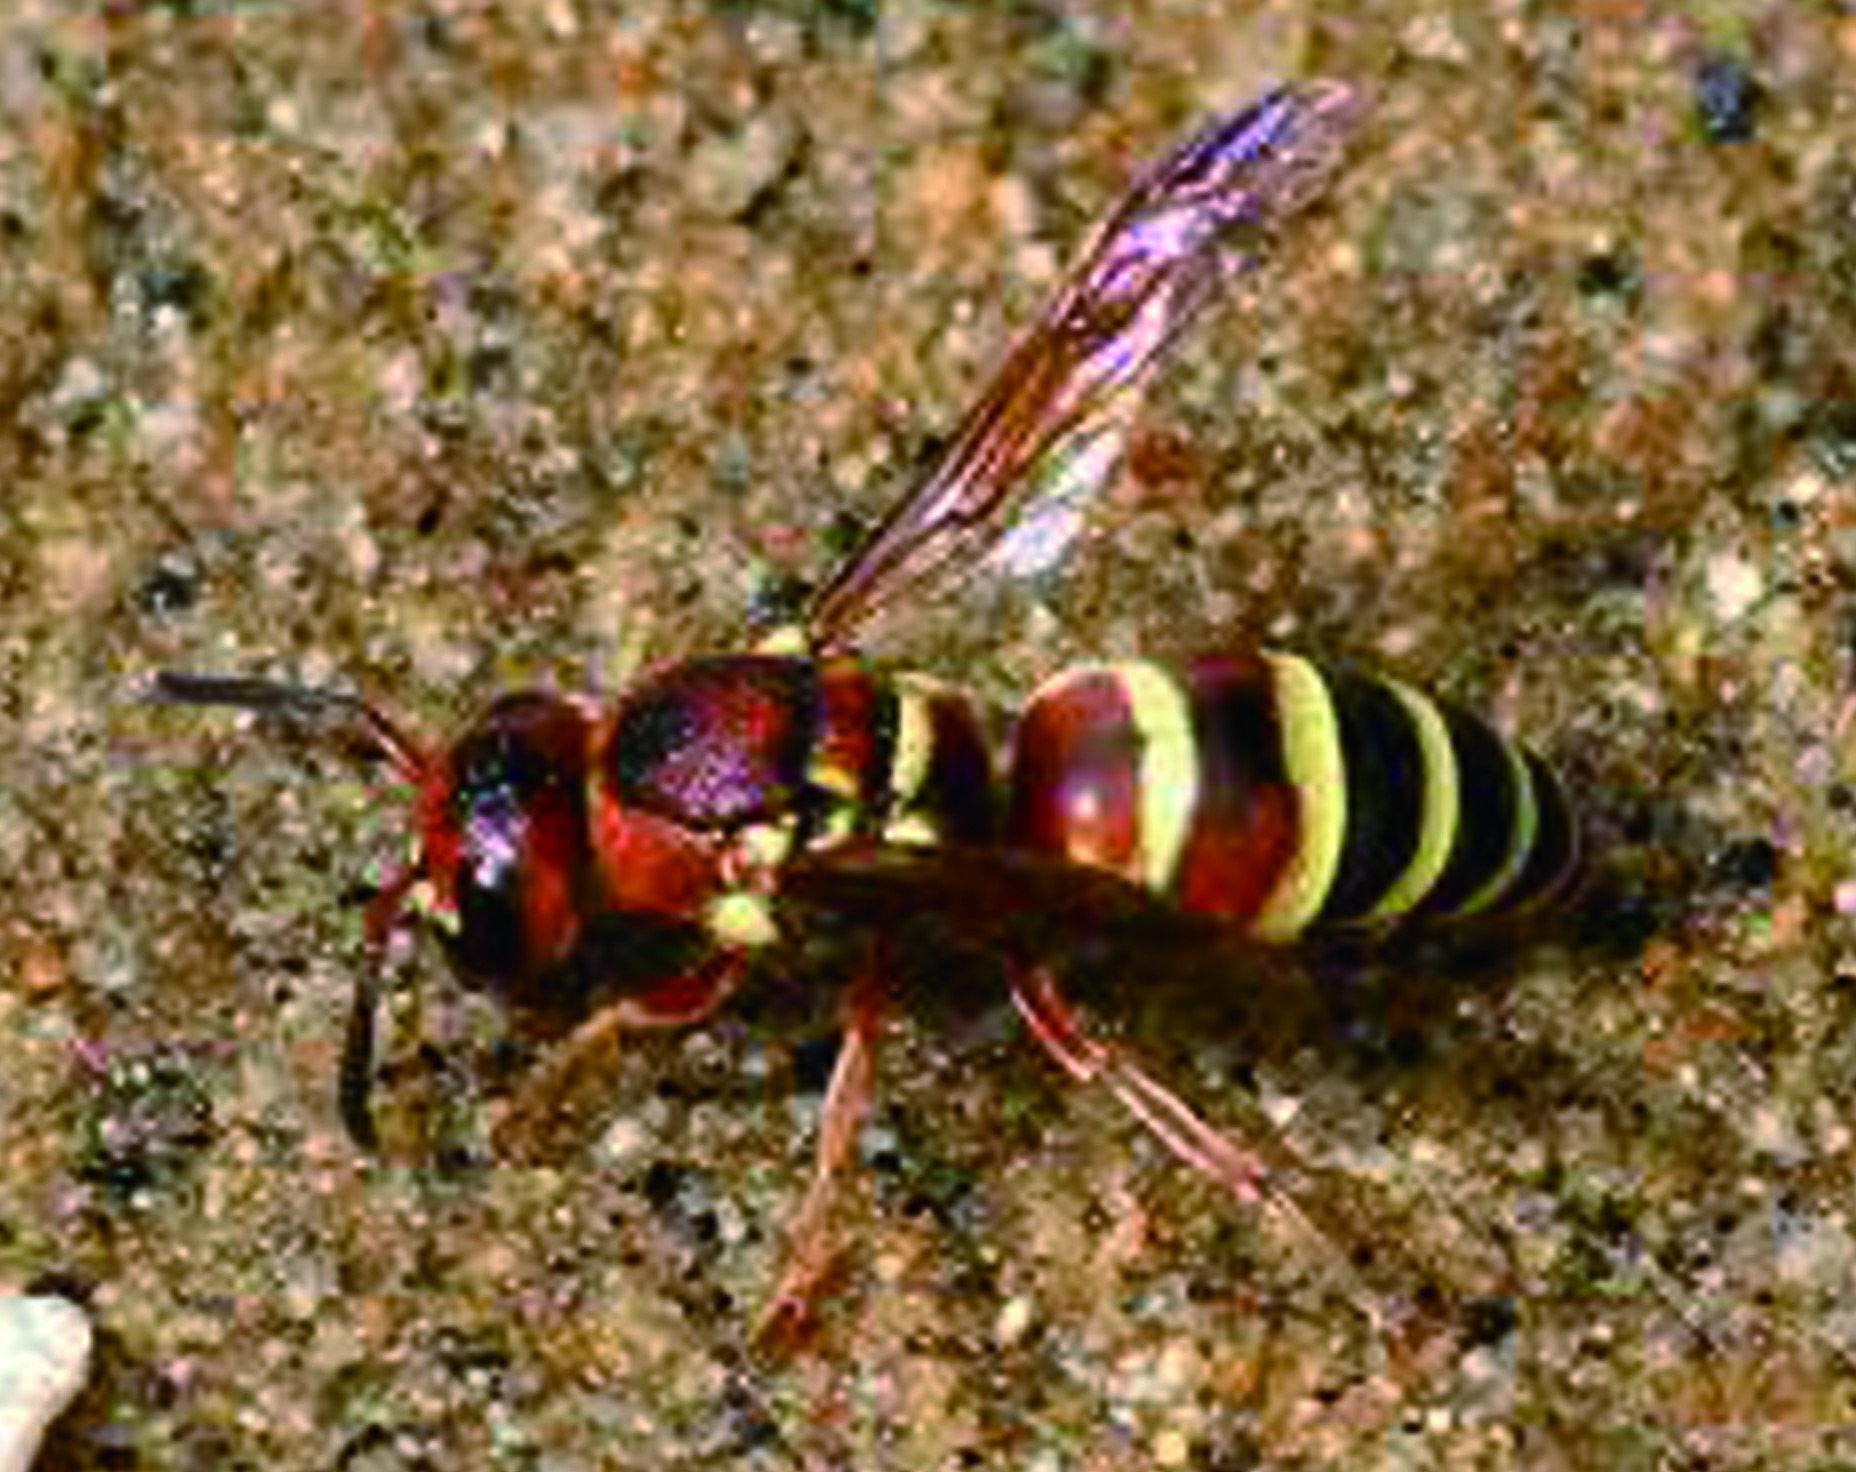 蜜蜂之中最可怕的莫過於虎頭蜂,他們不僅毒性強會引起強烈的過敏反應,且毒針可以重複使用,意味著牠有可能不斷攻擊目標。虎頭蜂名字源自於黑黃相間的外型,猶如一隻老虎般的外型, 因此得名虎頭蜂。